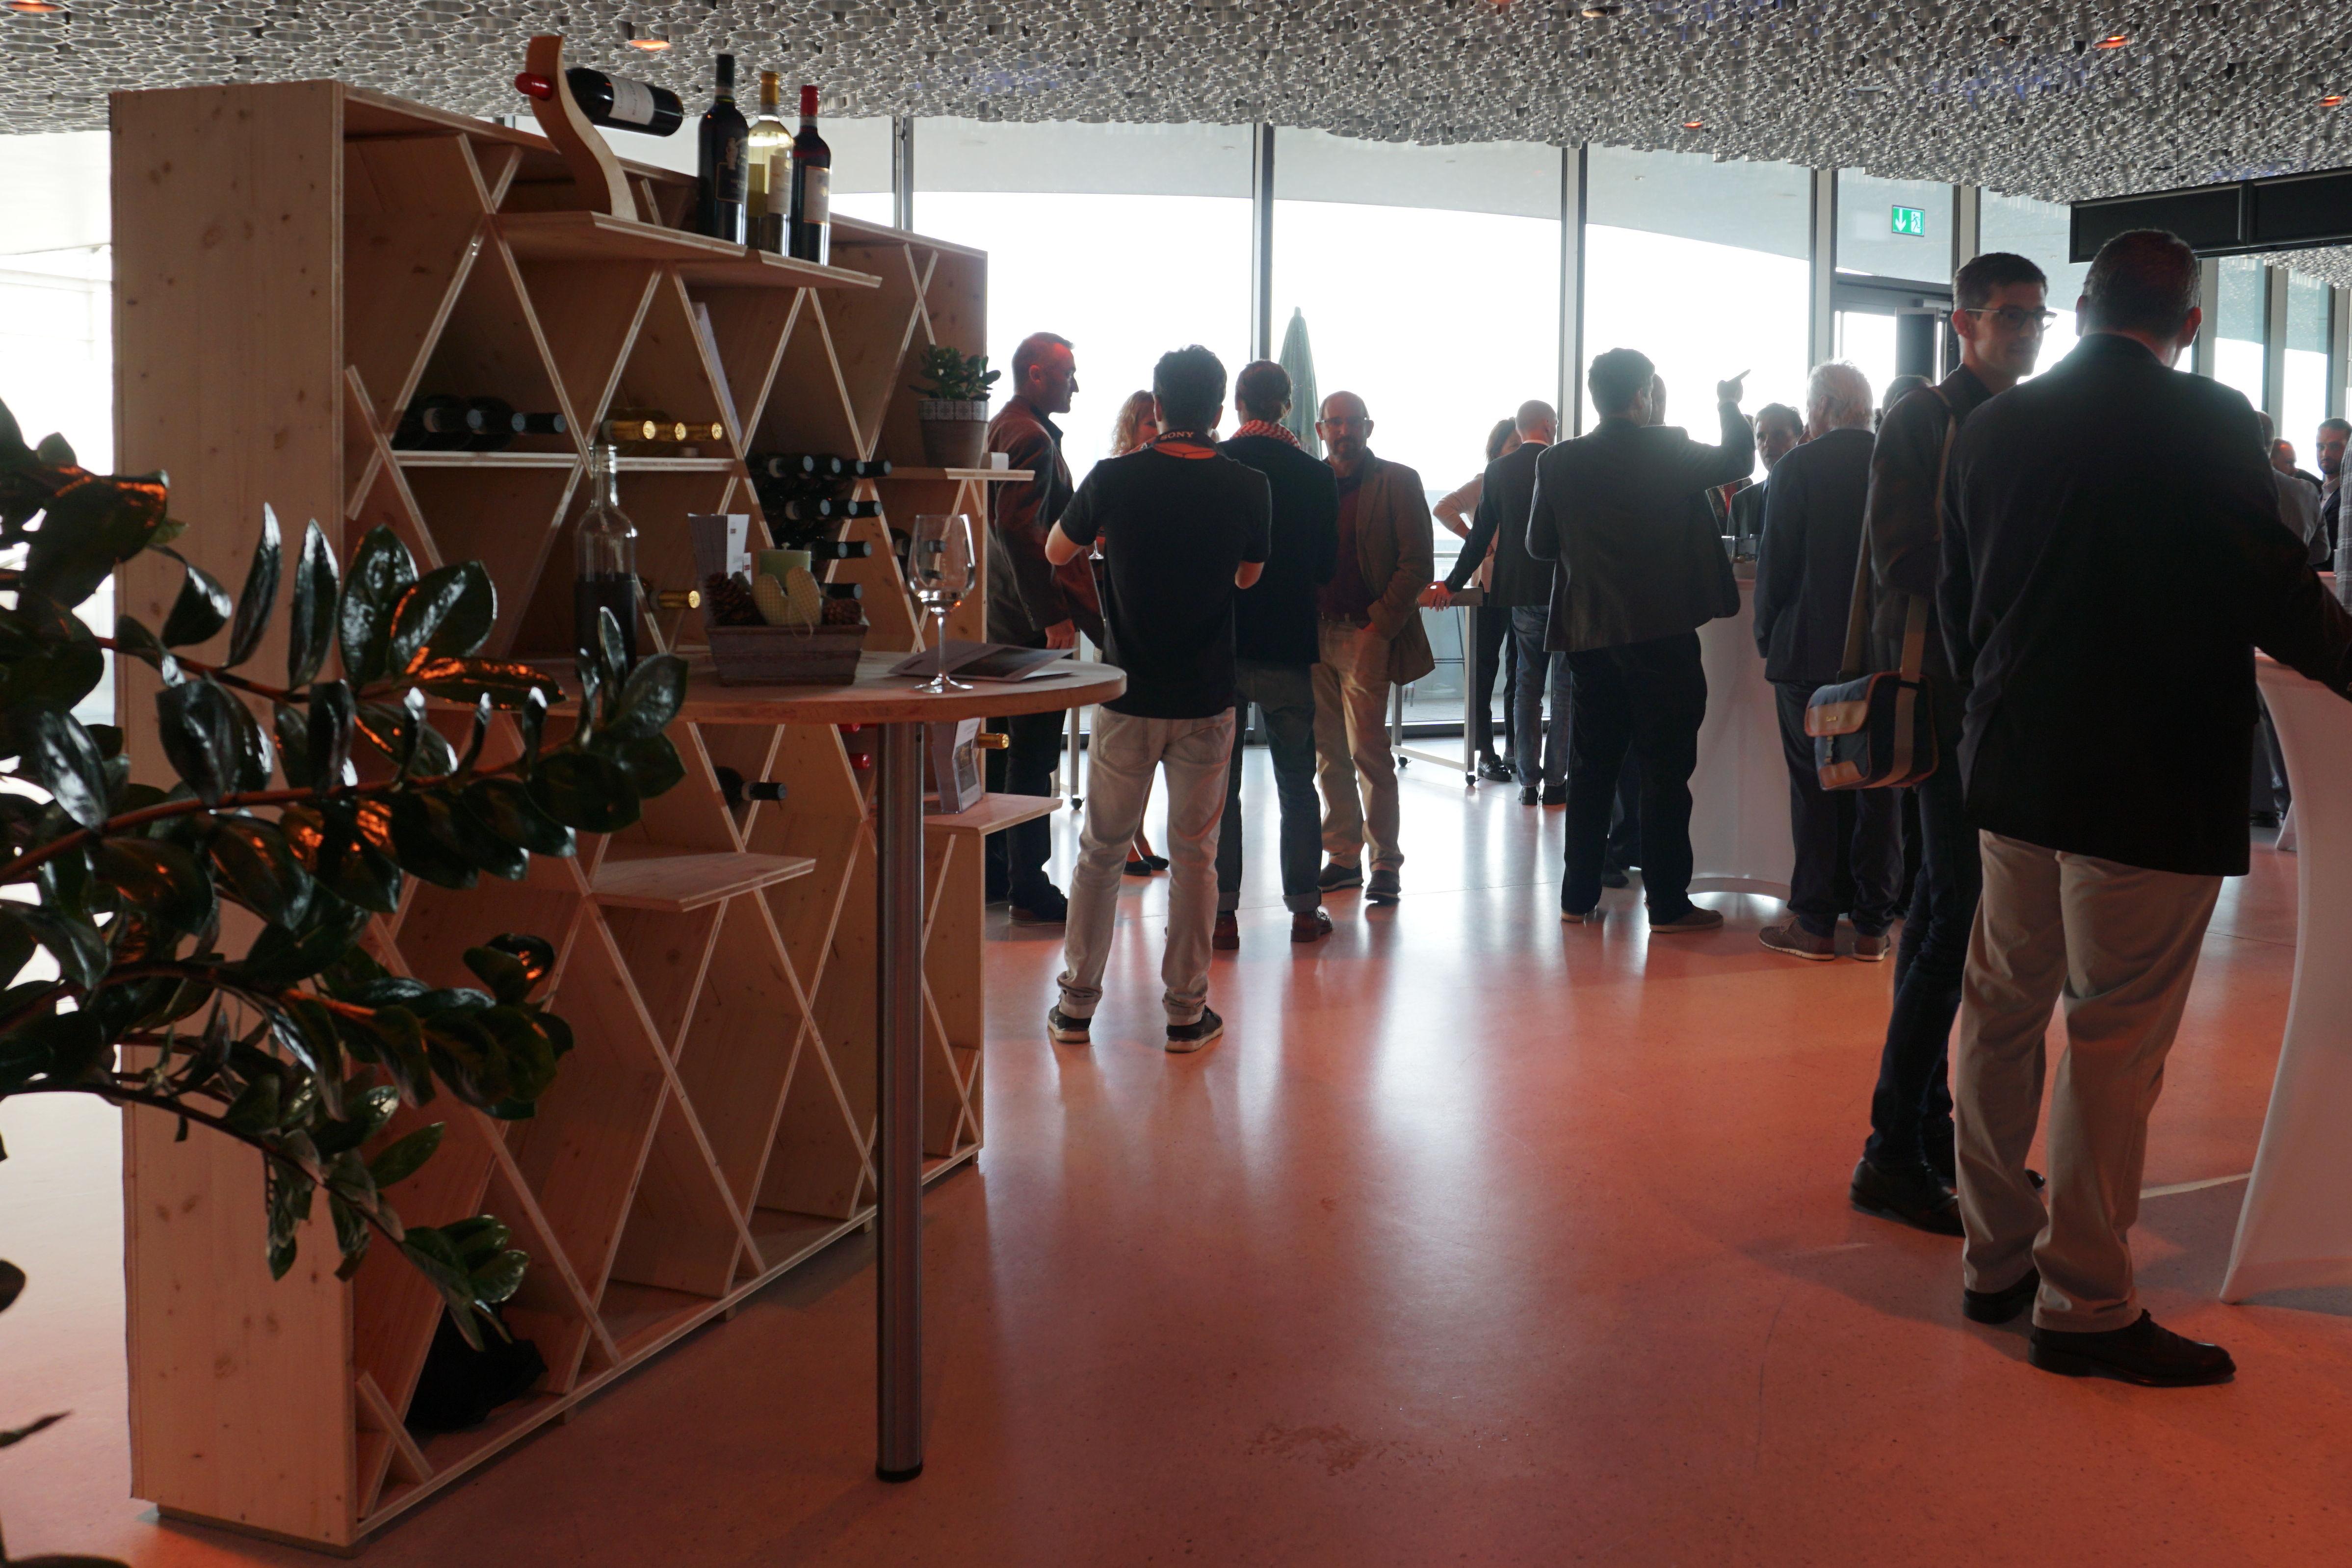 Im Foyer des Kursaals Bern durften wir unser Weinregal dem erlesenen Publikum präsentieren.